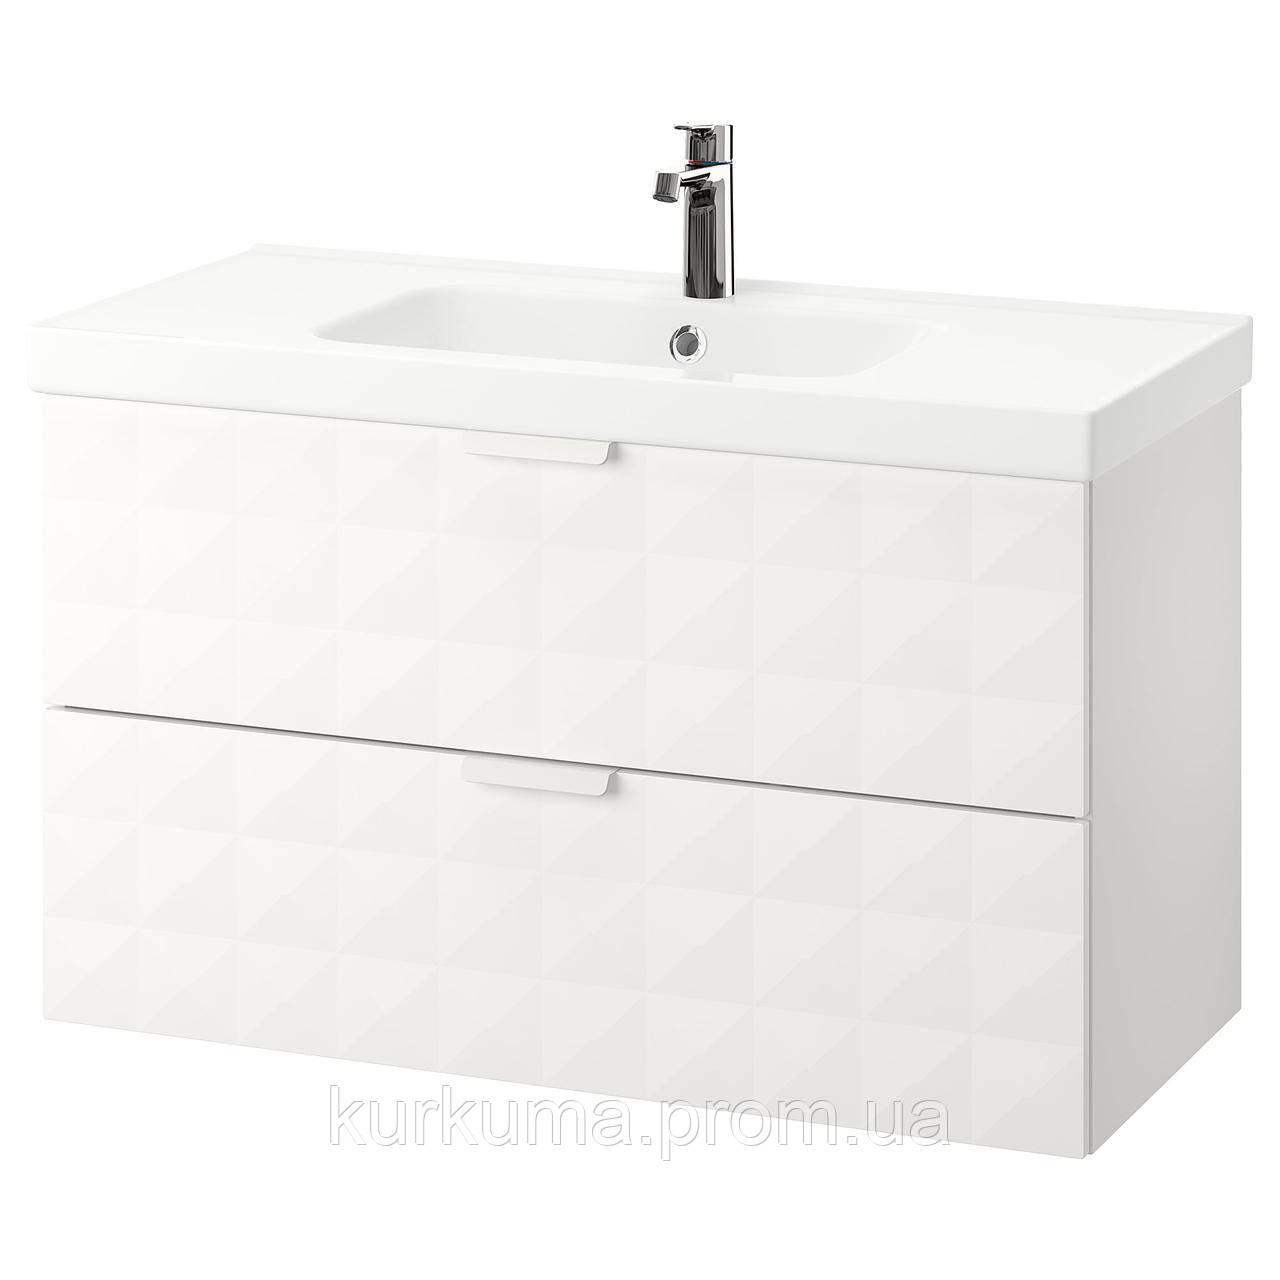 IKEA GODMORGON/ODENSVIK Шкаф под умывальник с раковиной, Ресжöн белый  (792.473.91)